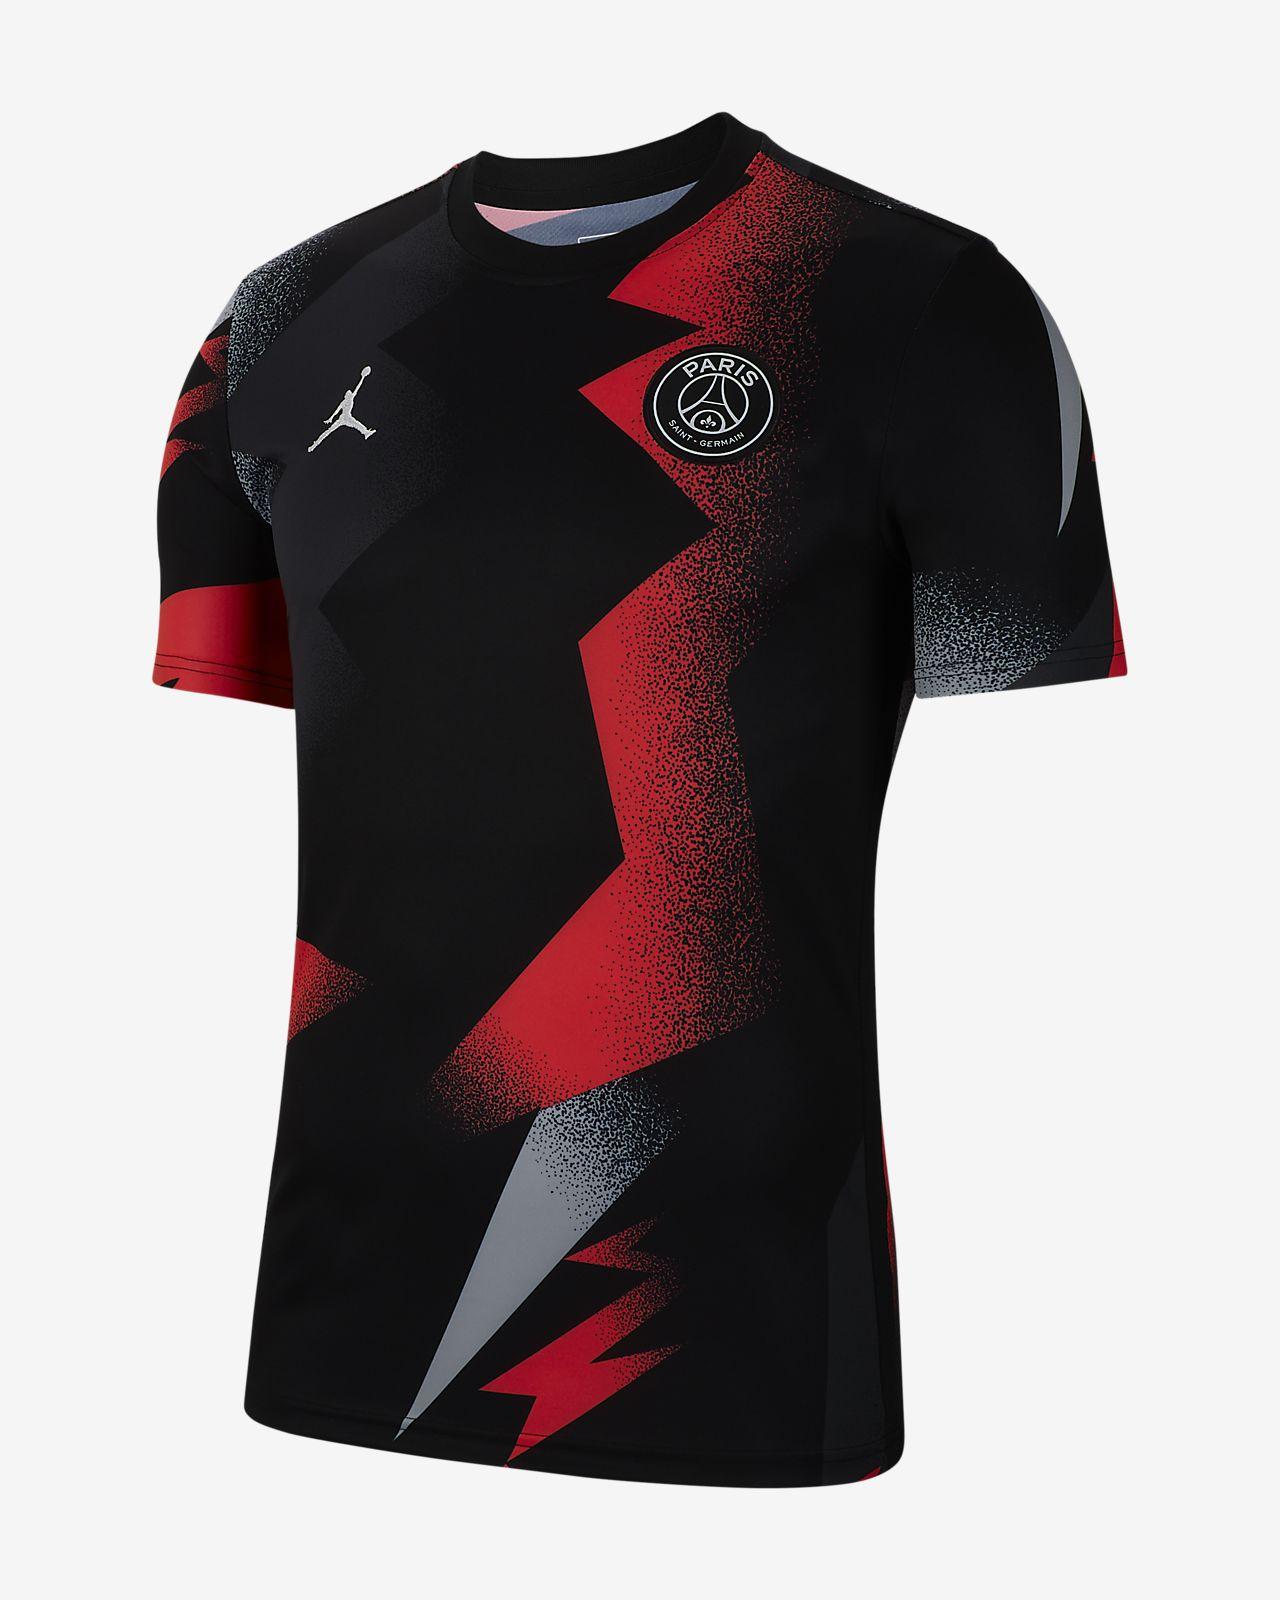 Męska koszulka piłkarska z krótkim rękawem Jordan x Paris Saint-Germain